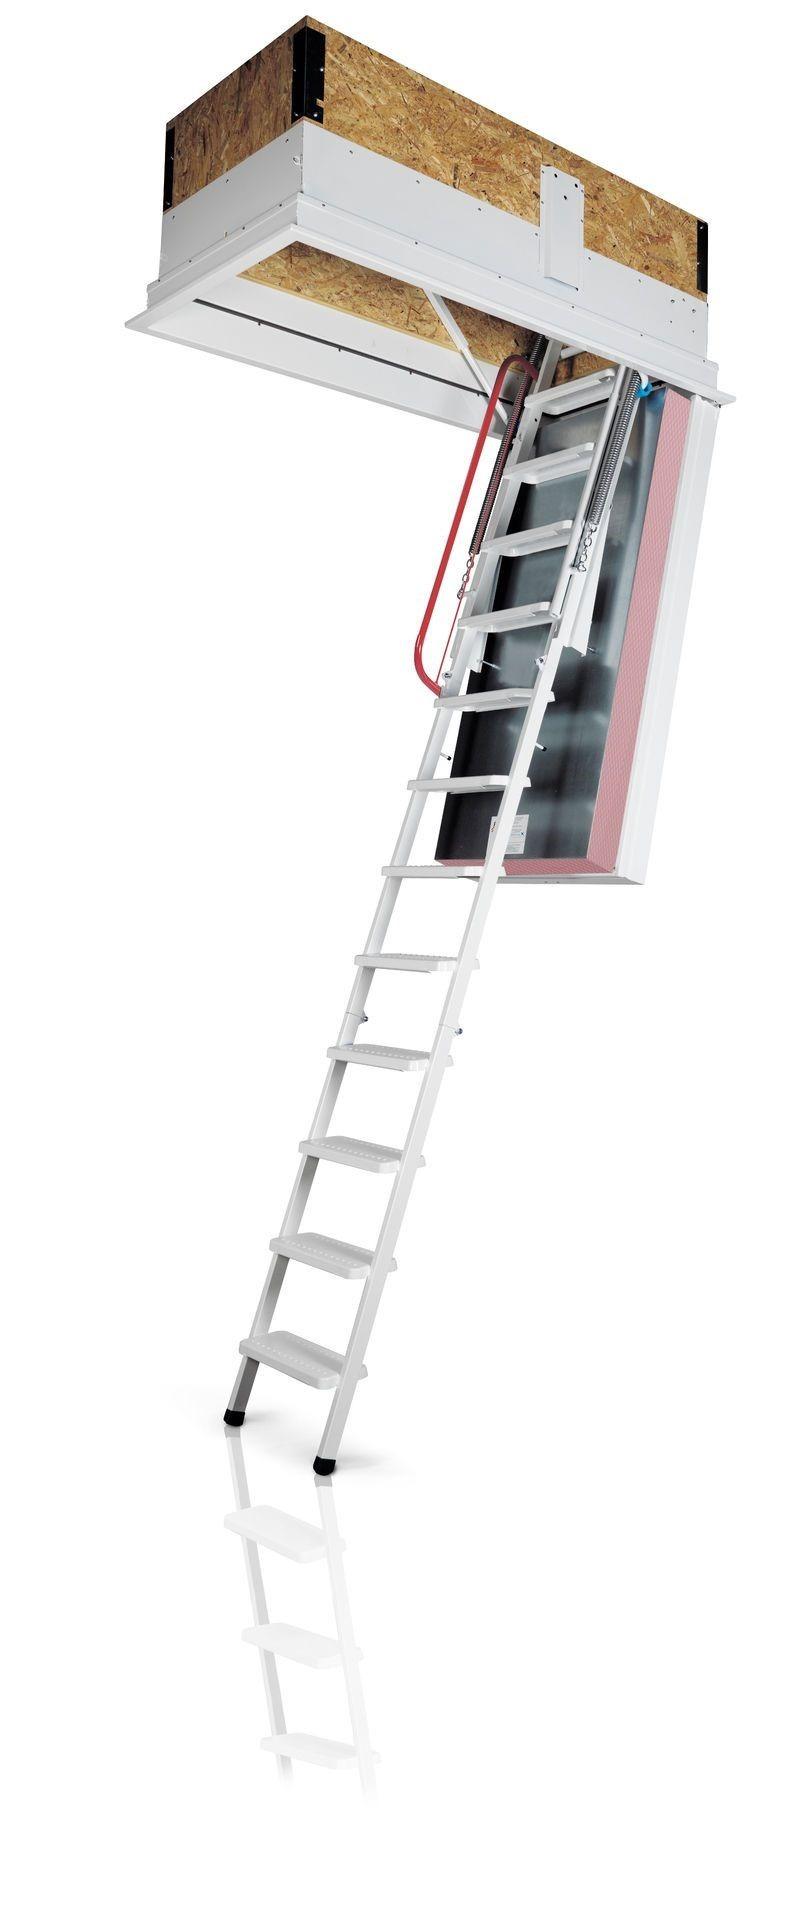 A padlásfeljáróink összehasonlítása